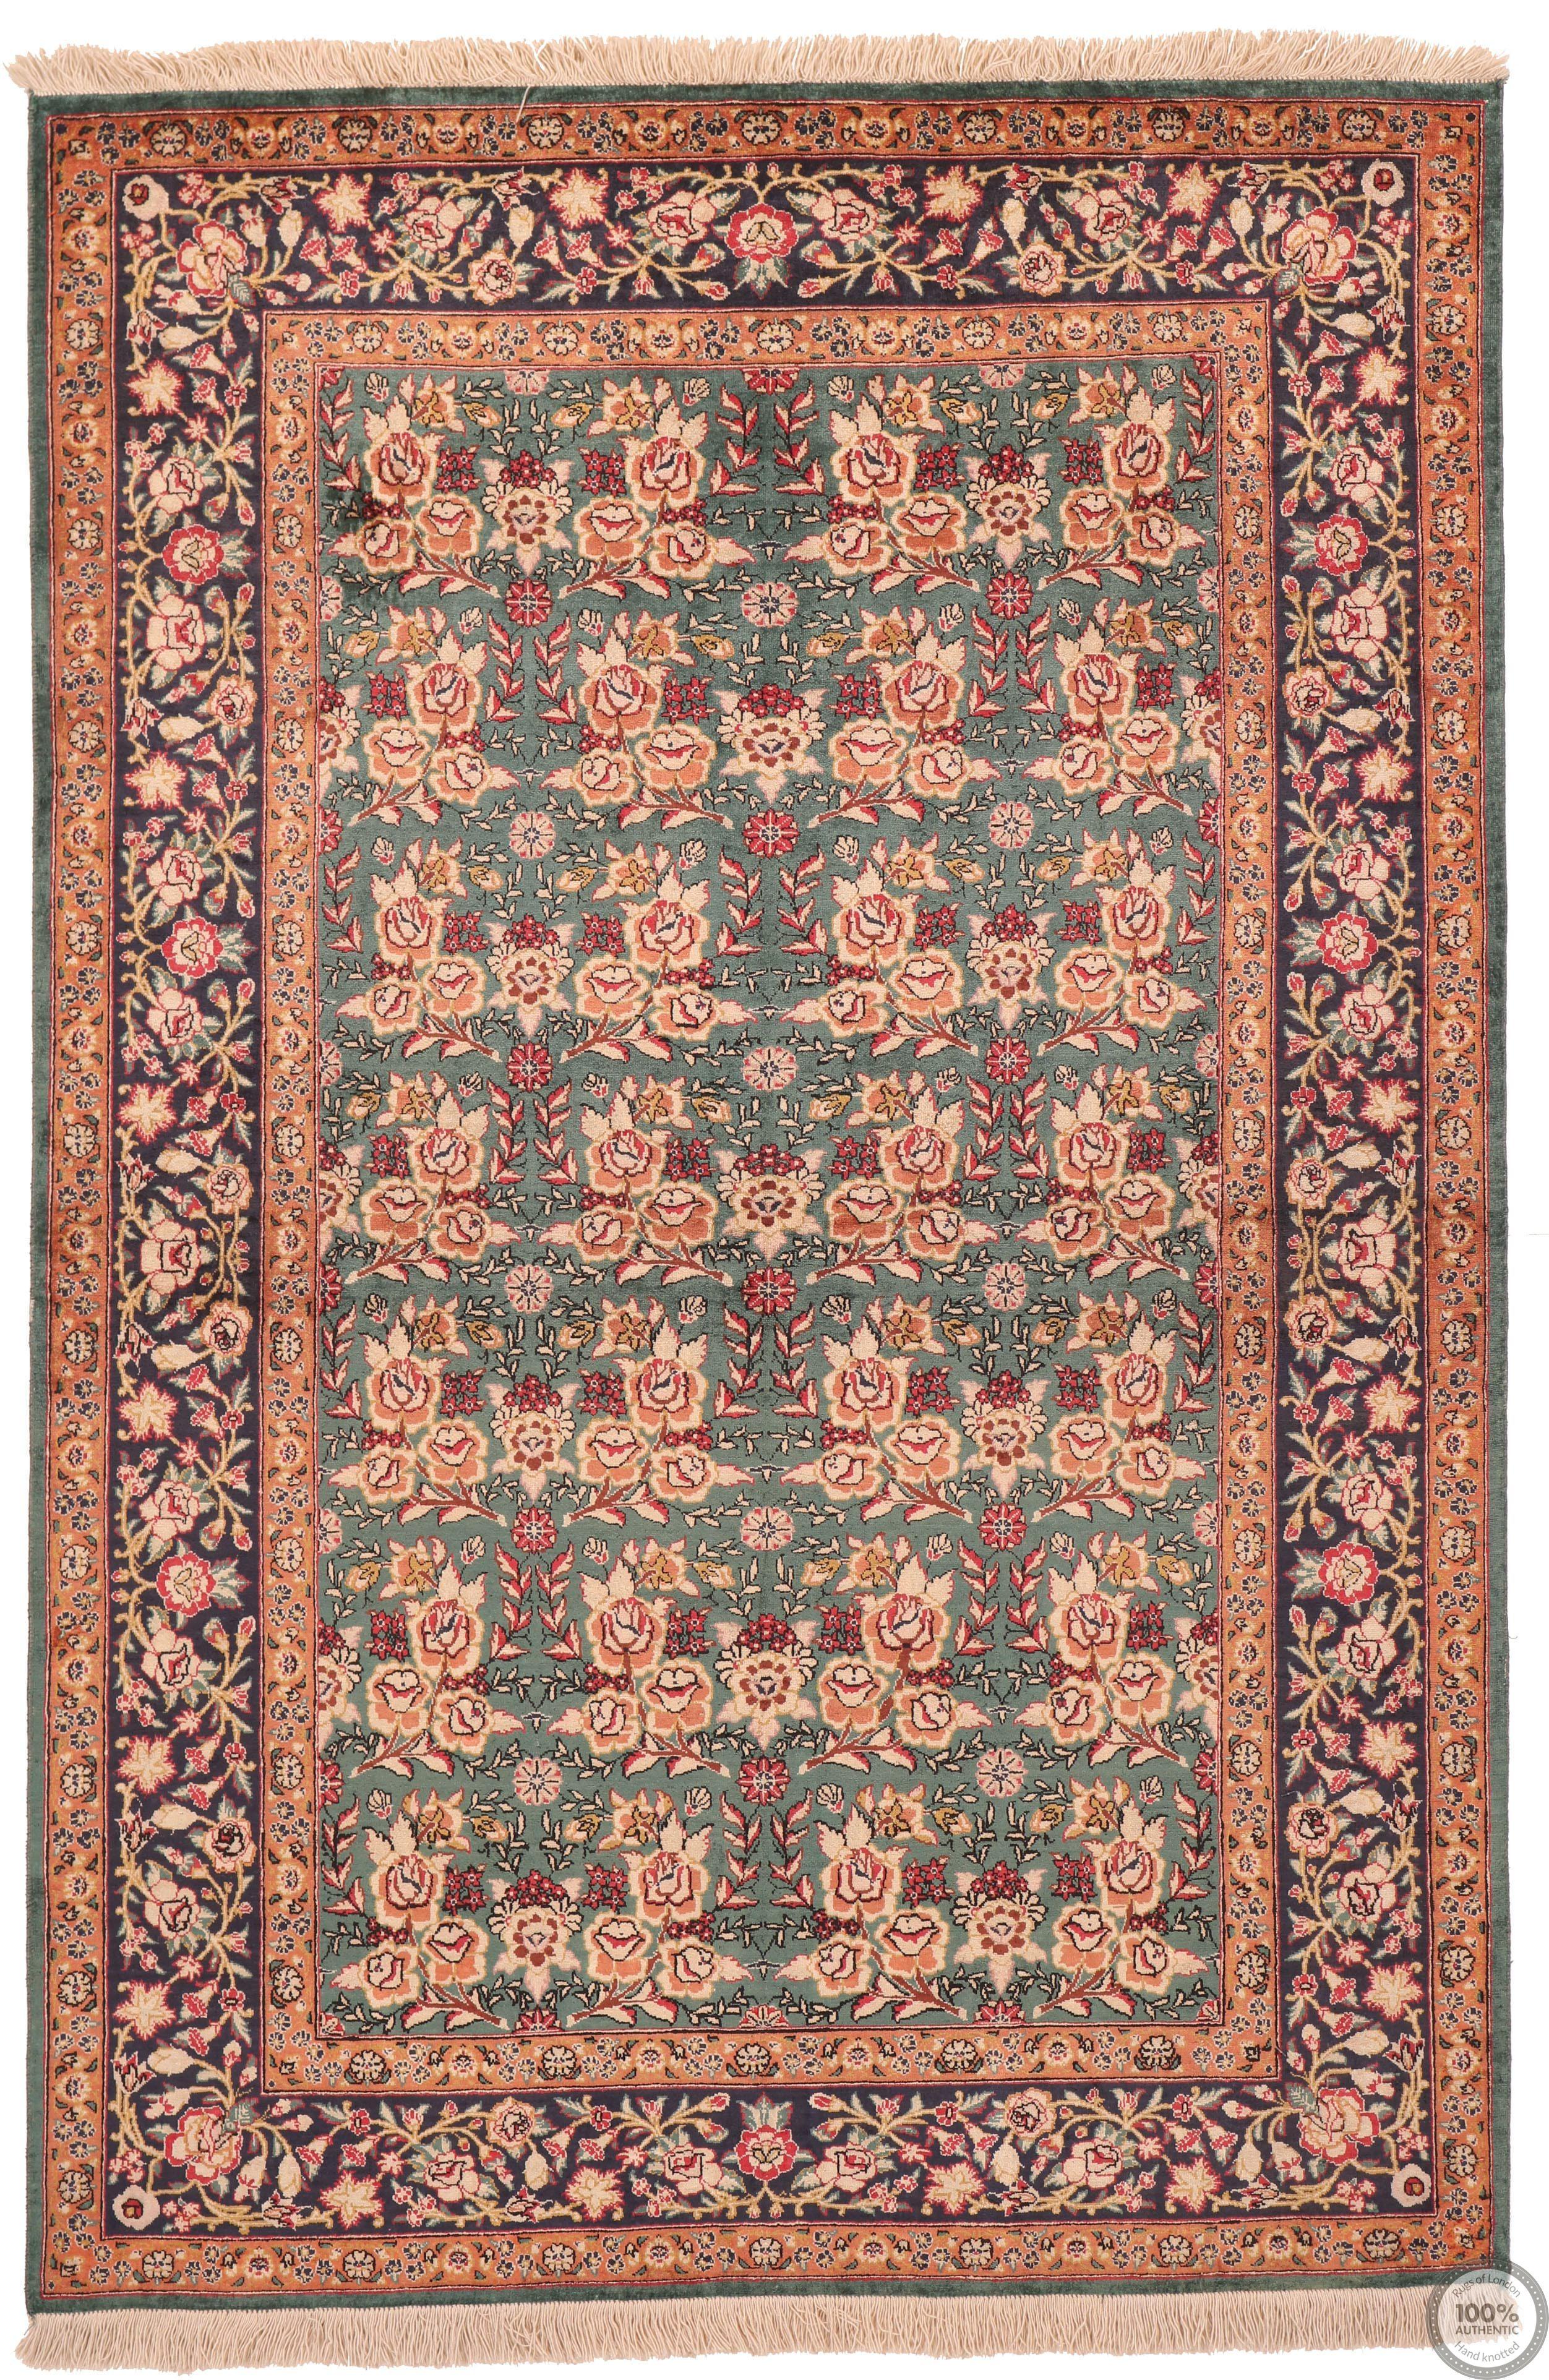 Persian Qum Floral Design - 4'7 x 3'1